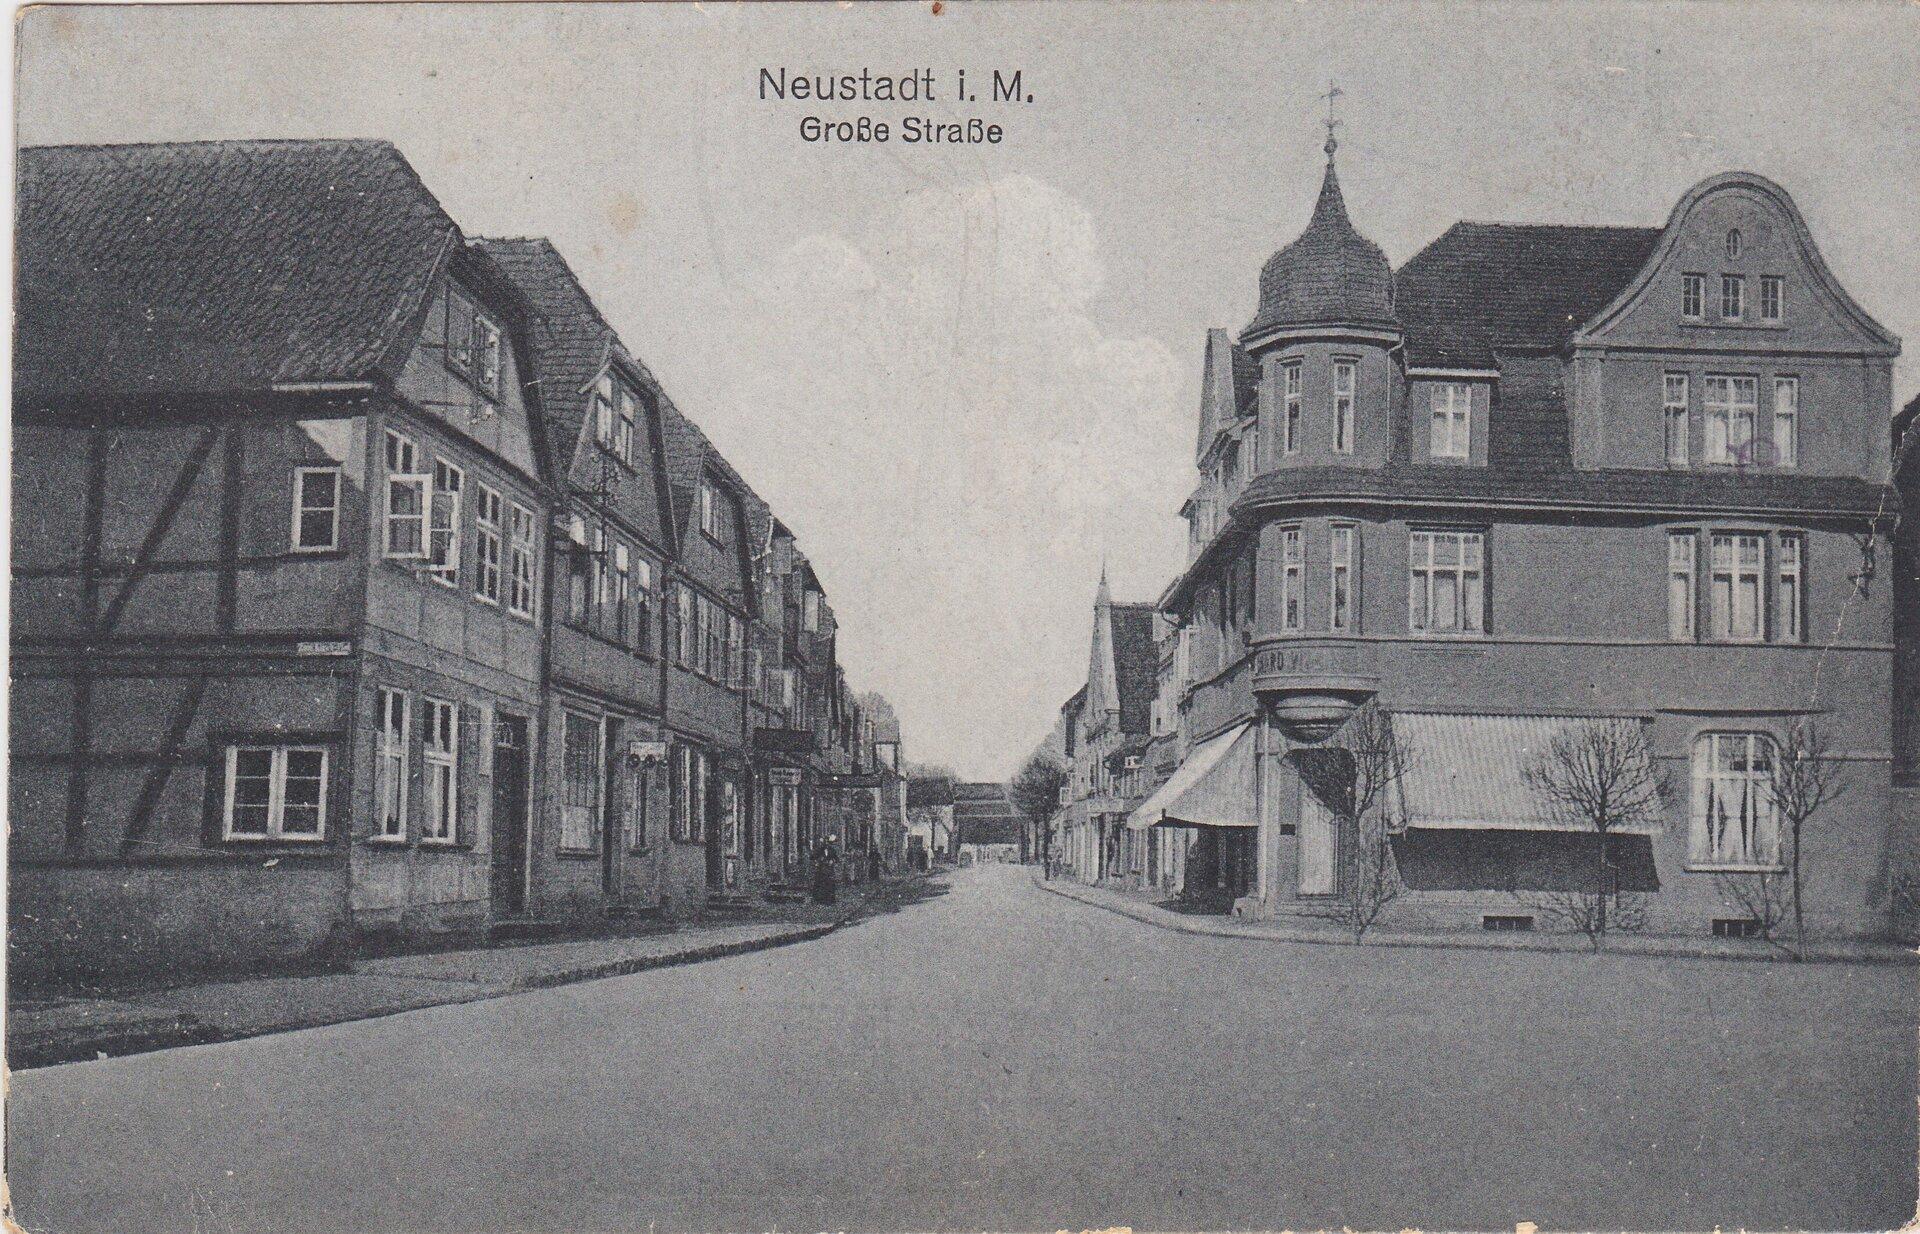 vom Markt Richtung heutigen Kreisverkehr, links ist das schiefe haus, rechts heutiger Frisör, Aufnahme vor 1920